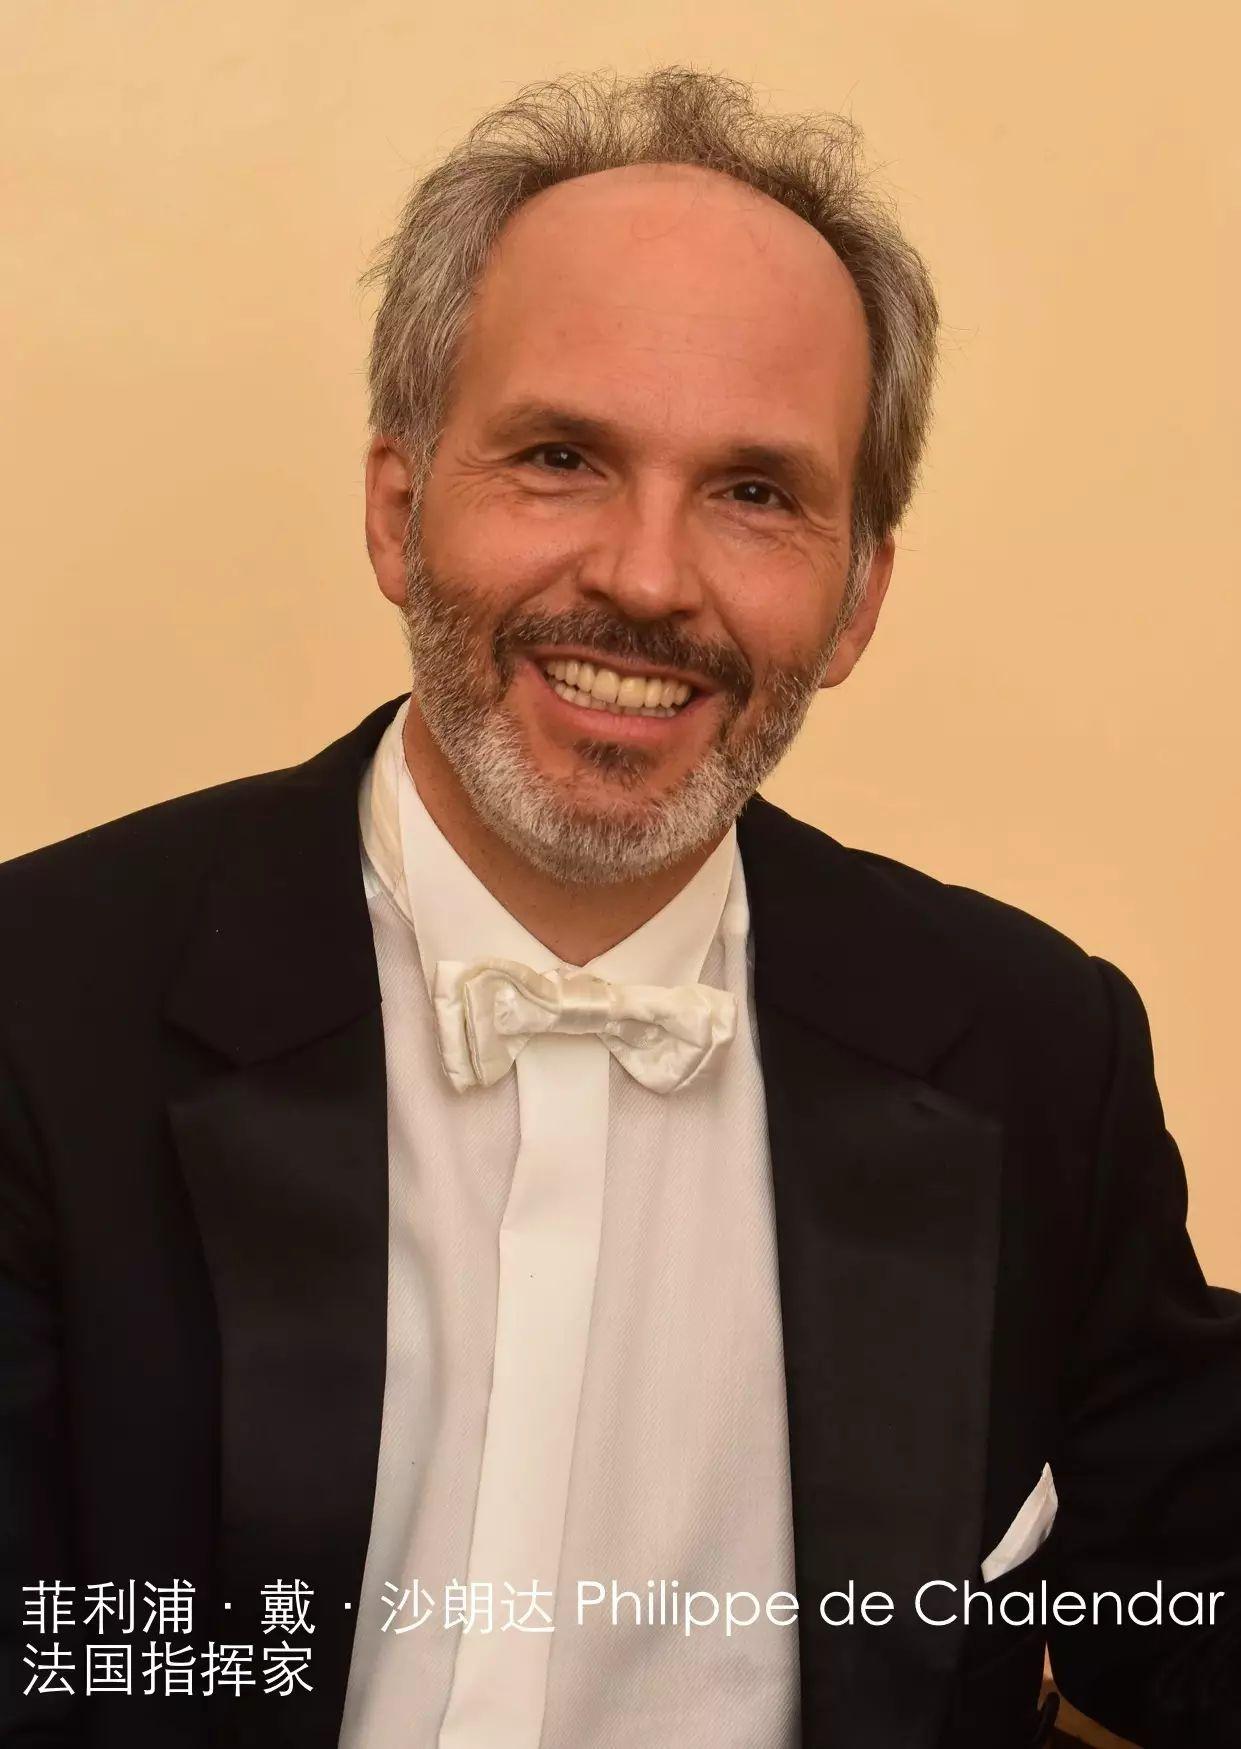 法国指挥家菲利普•戴•沙朗达